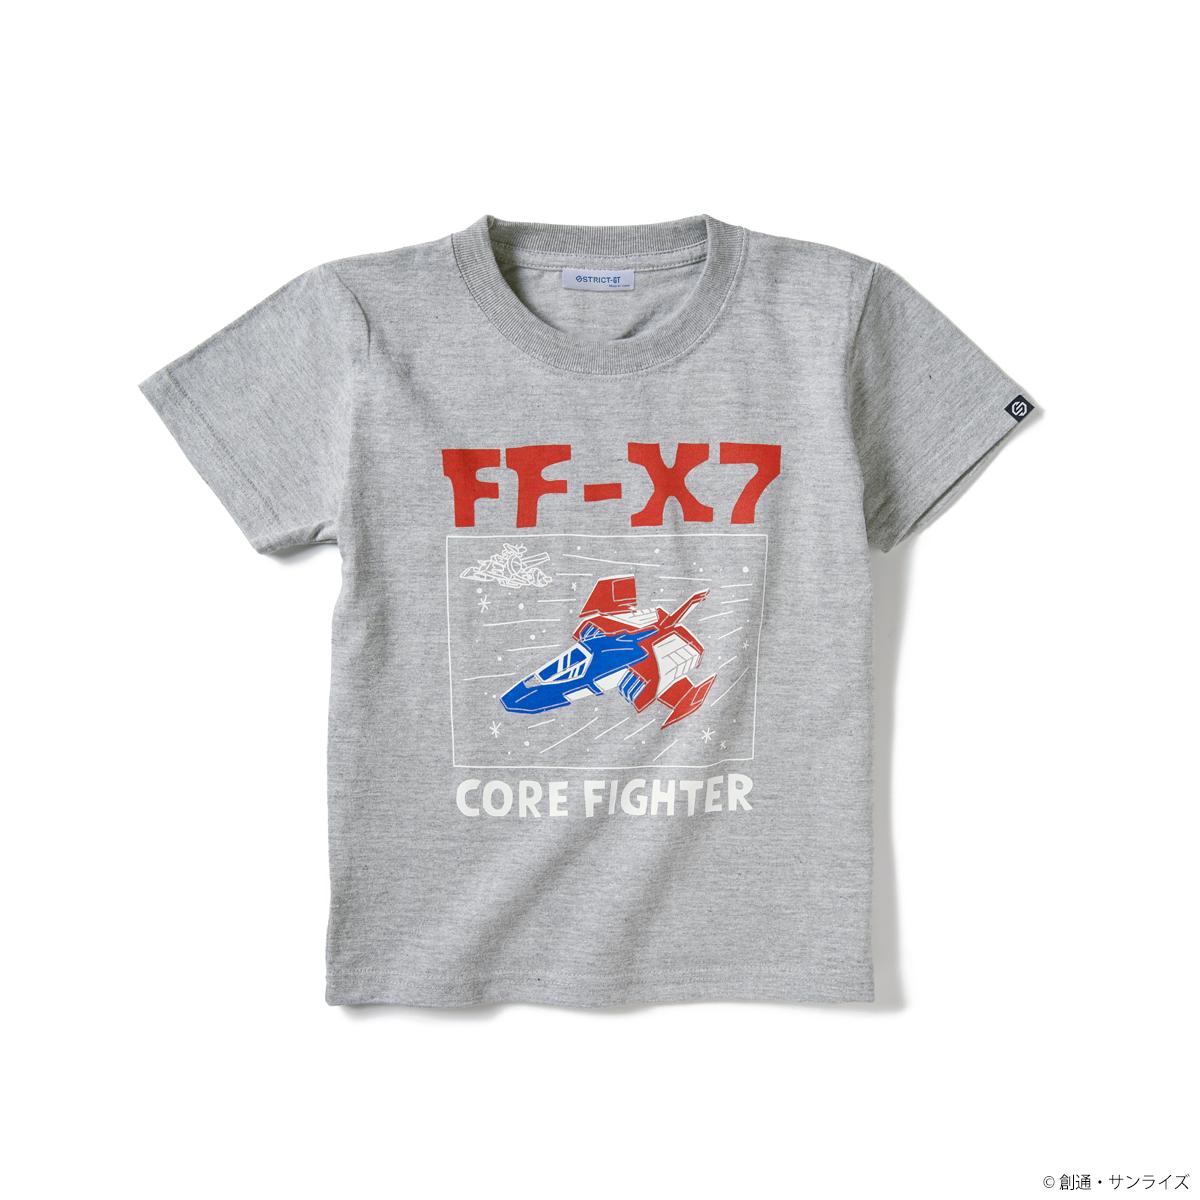 『機動戦士ガンダム』キッズTシャツ コアファイター柄